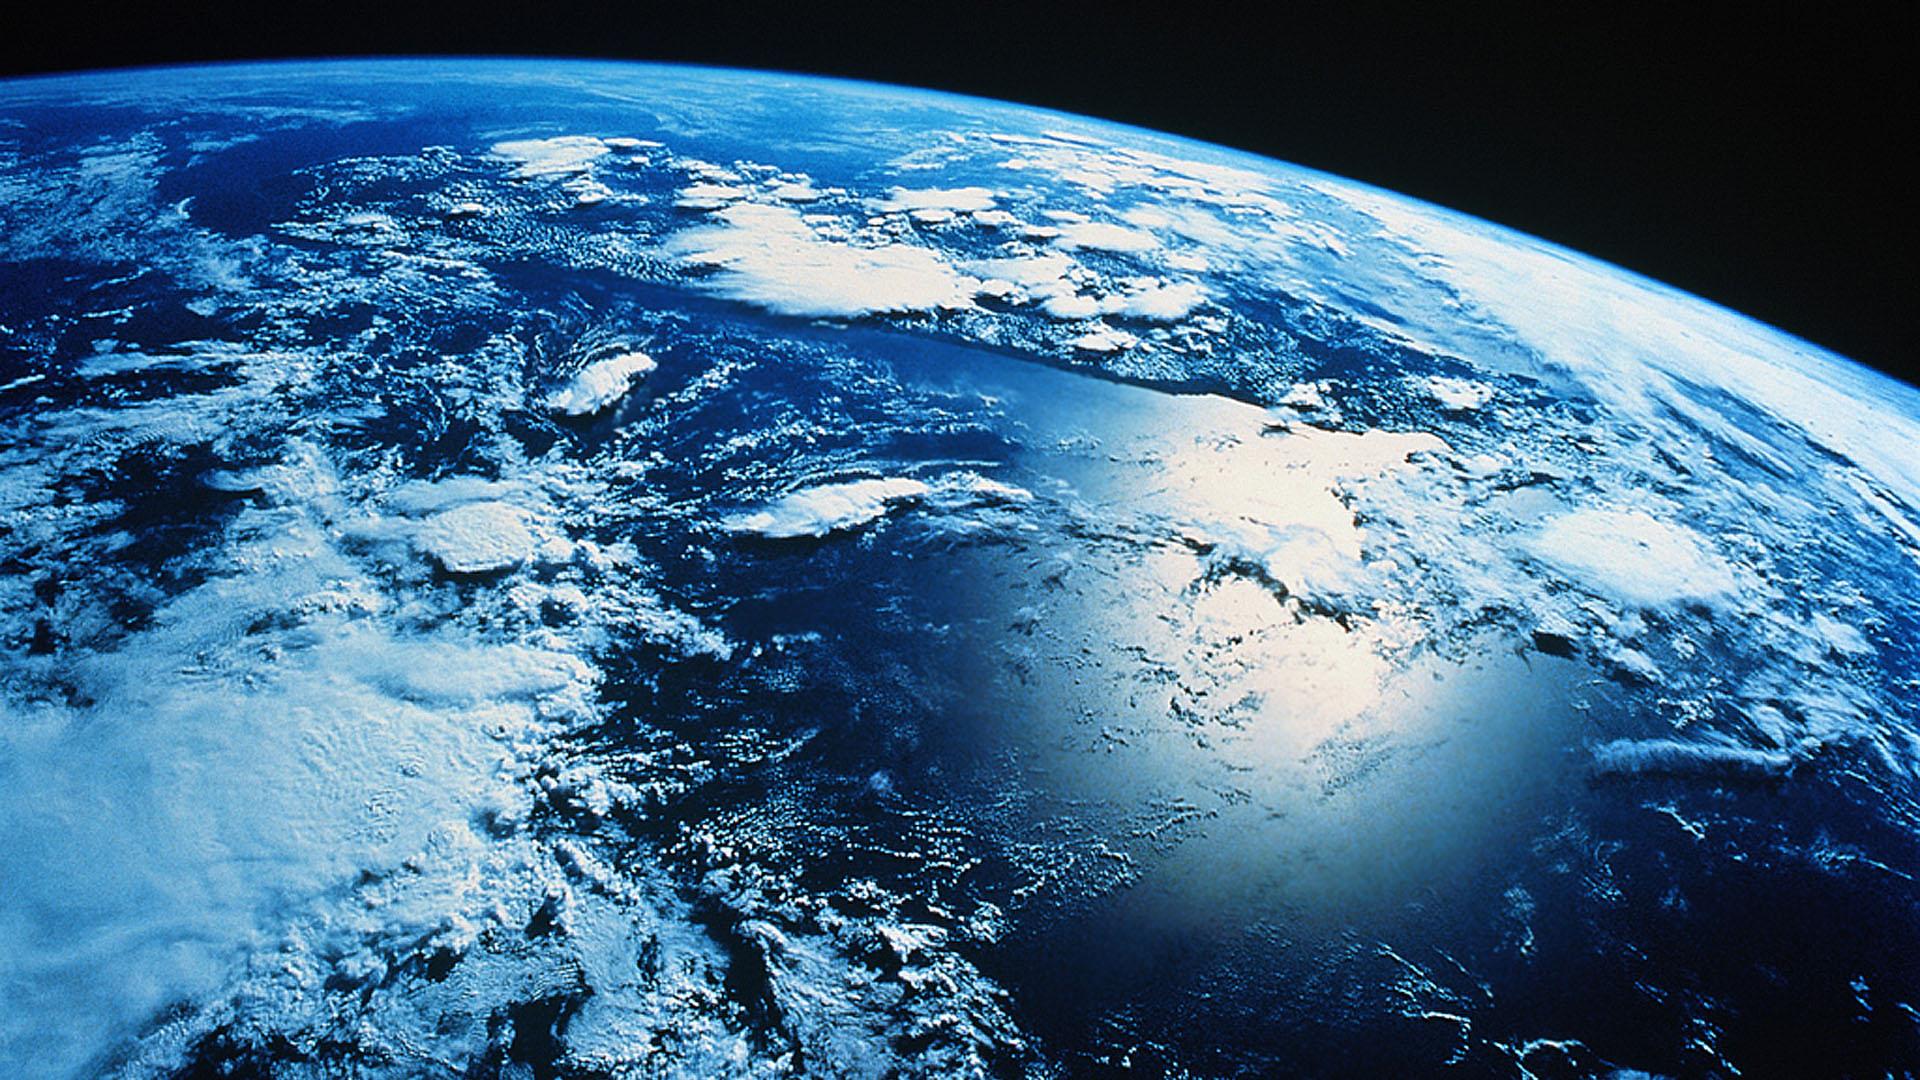 Обои На Айфон Планета Земля